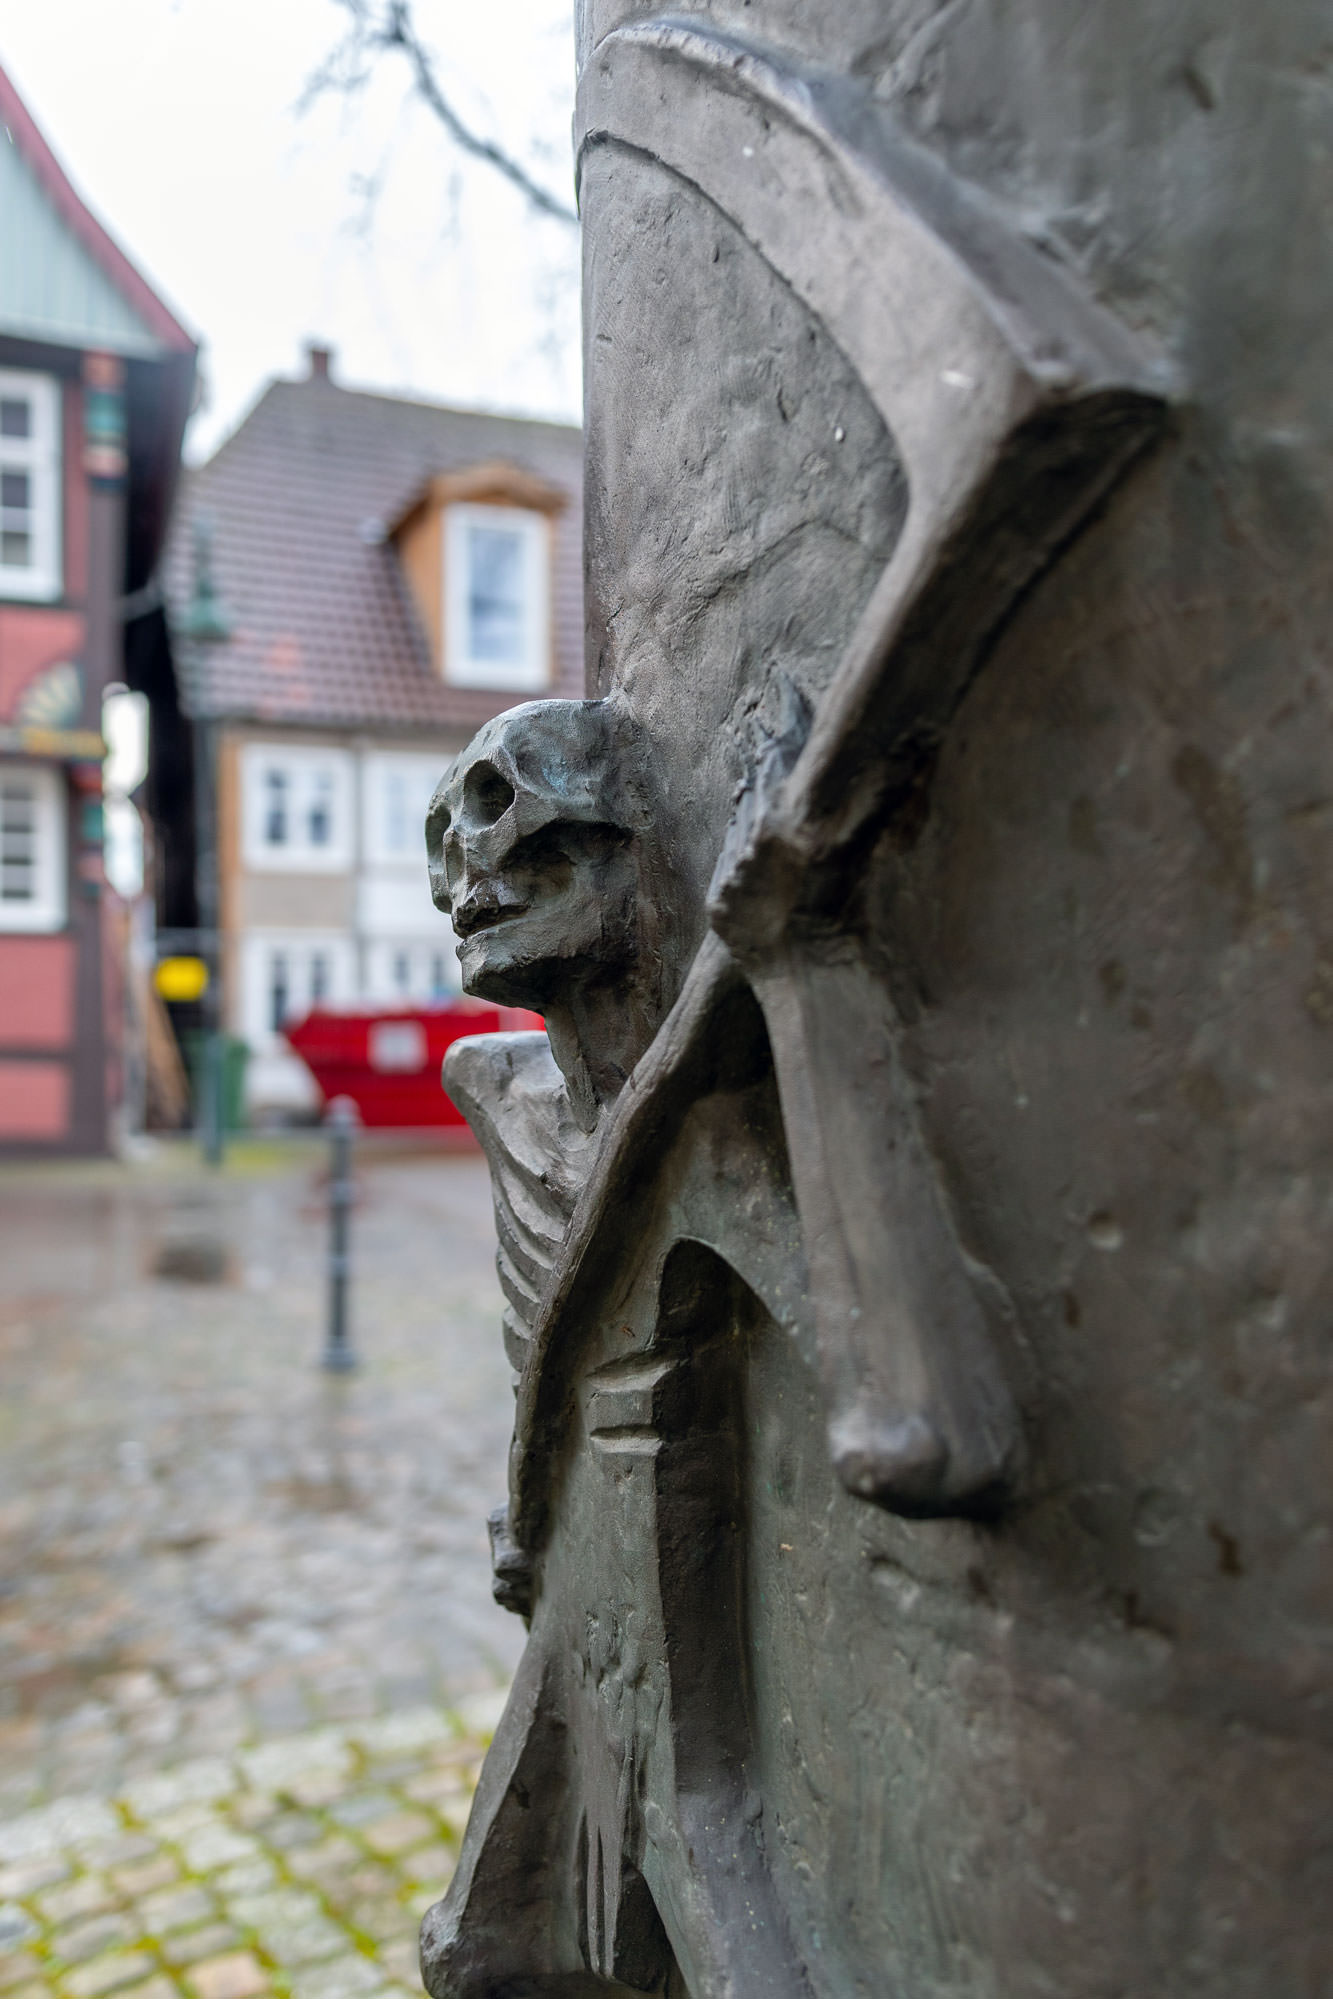 Ehrenmal für die Opfer der Kriege in Wiedenbrück